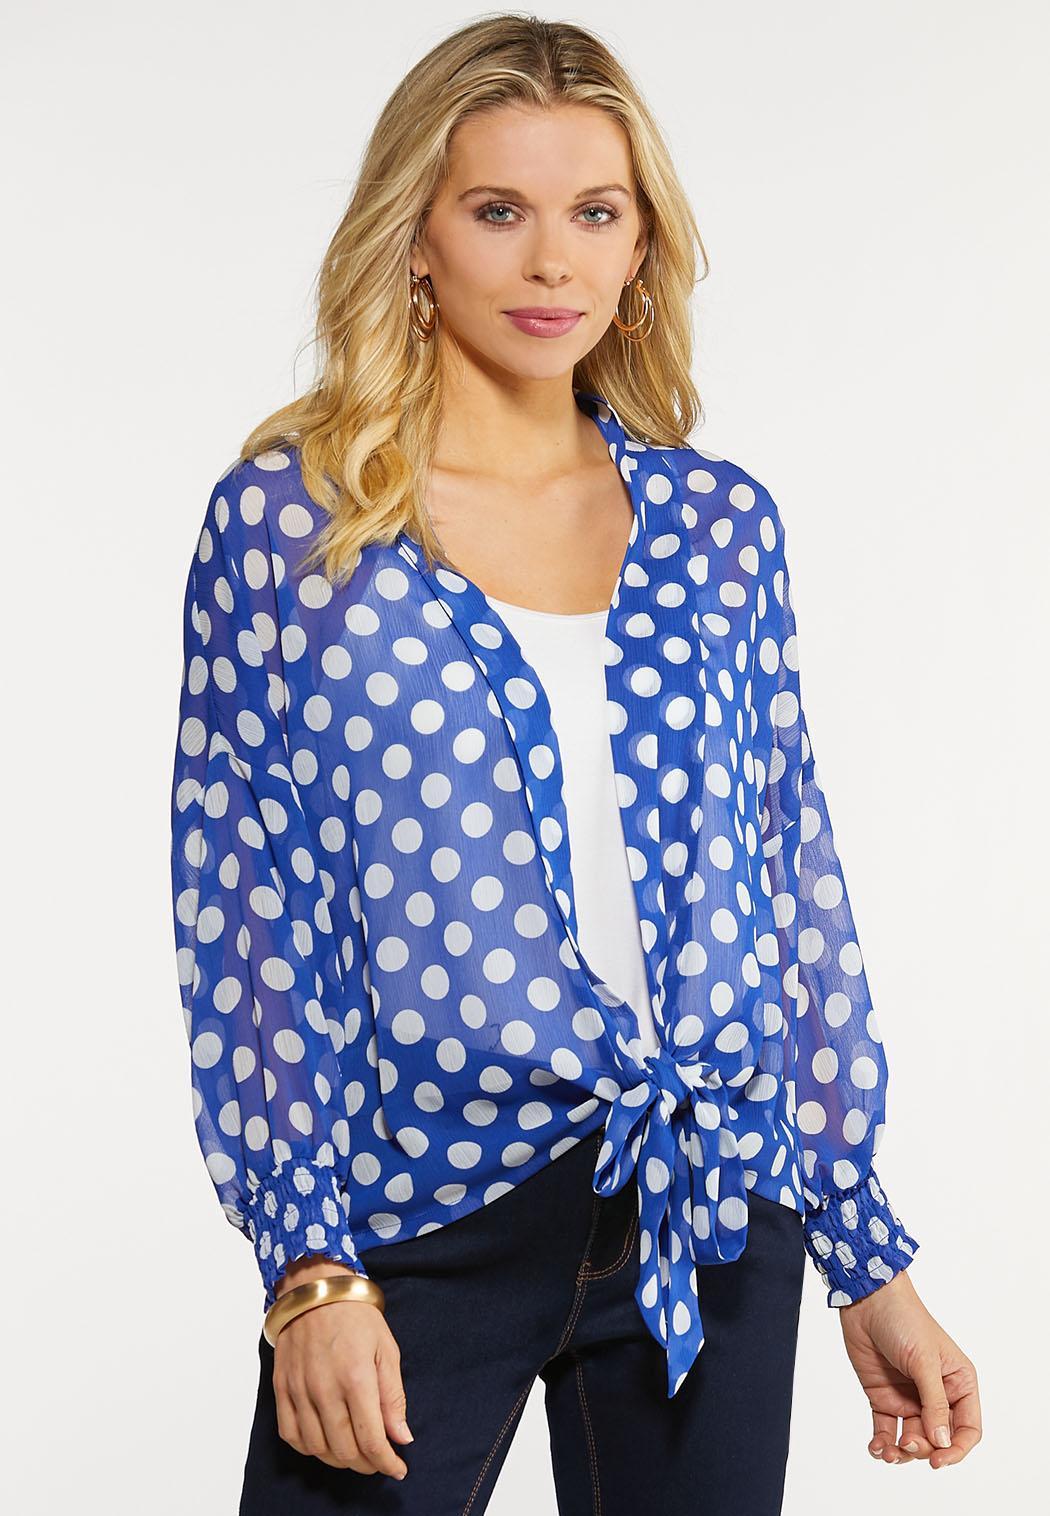 Plus Size Polka Dot Kimono Top